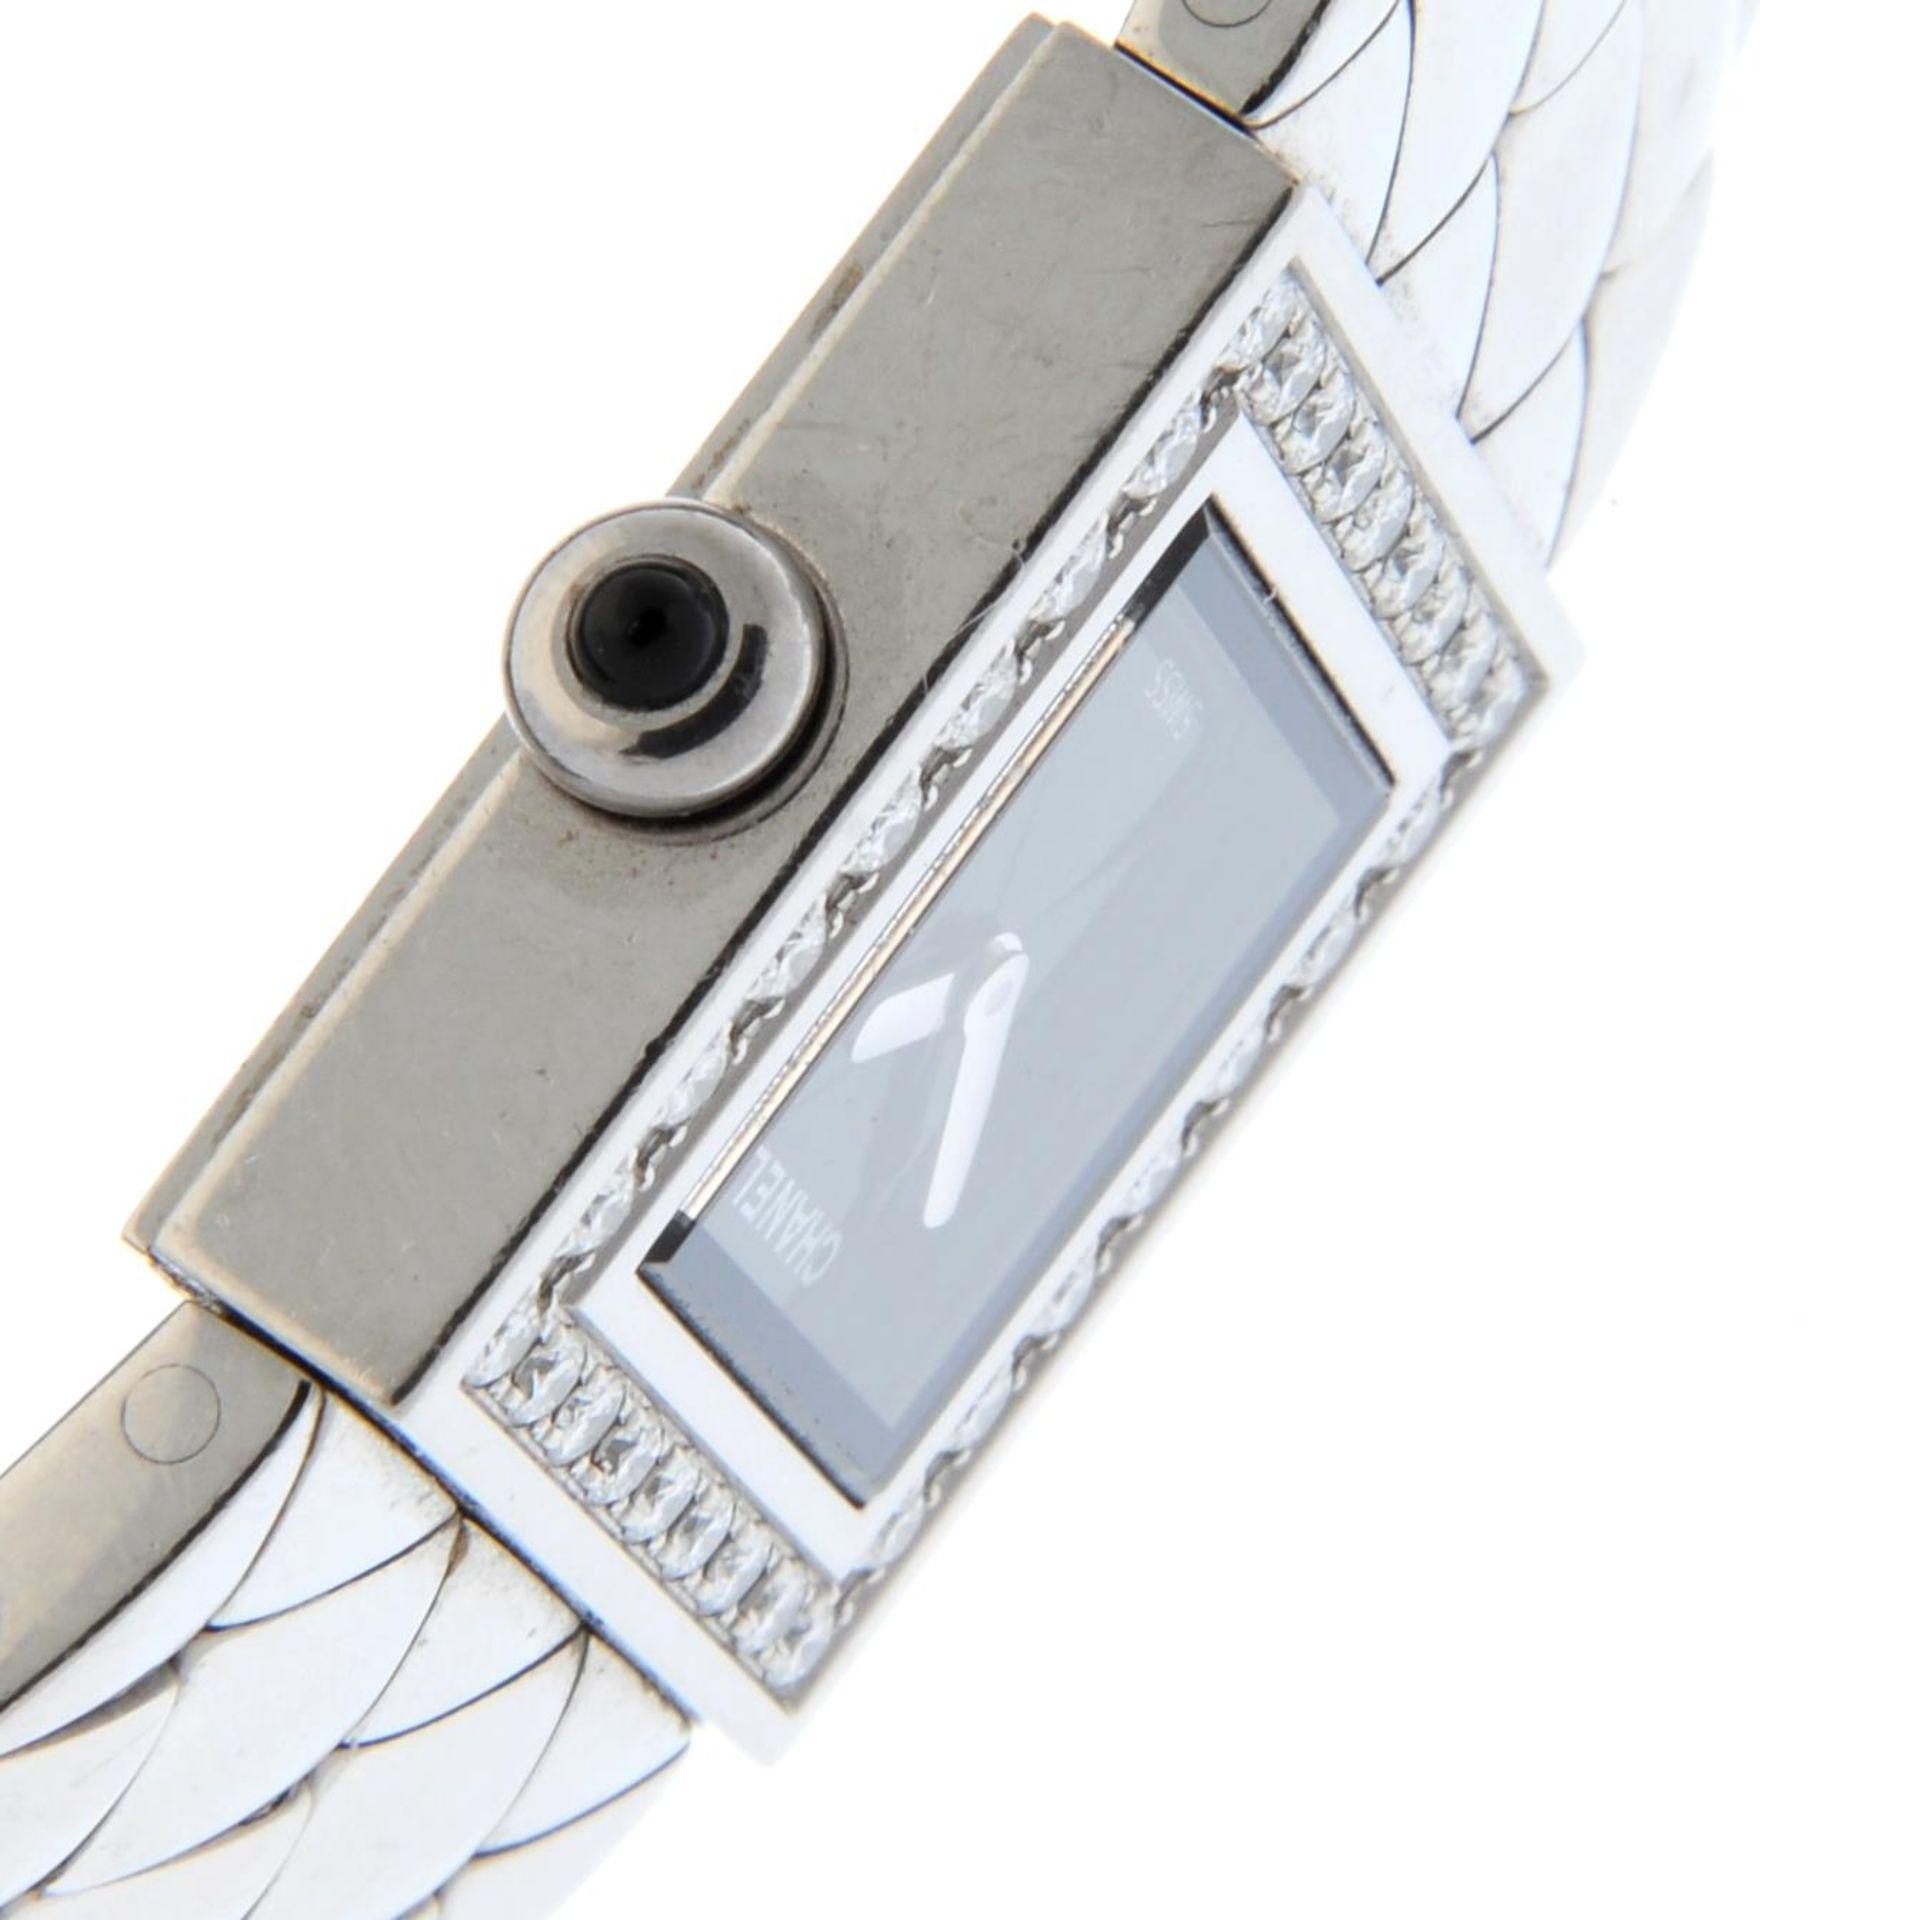 CHANEL - an Acier Etanche bracelet watch. - Bild 4 aus 5